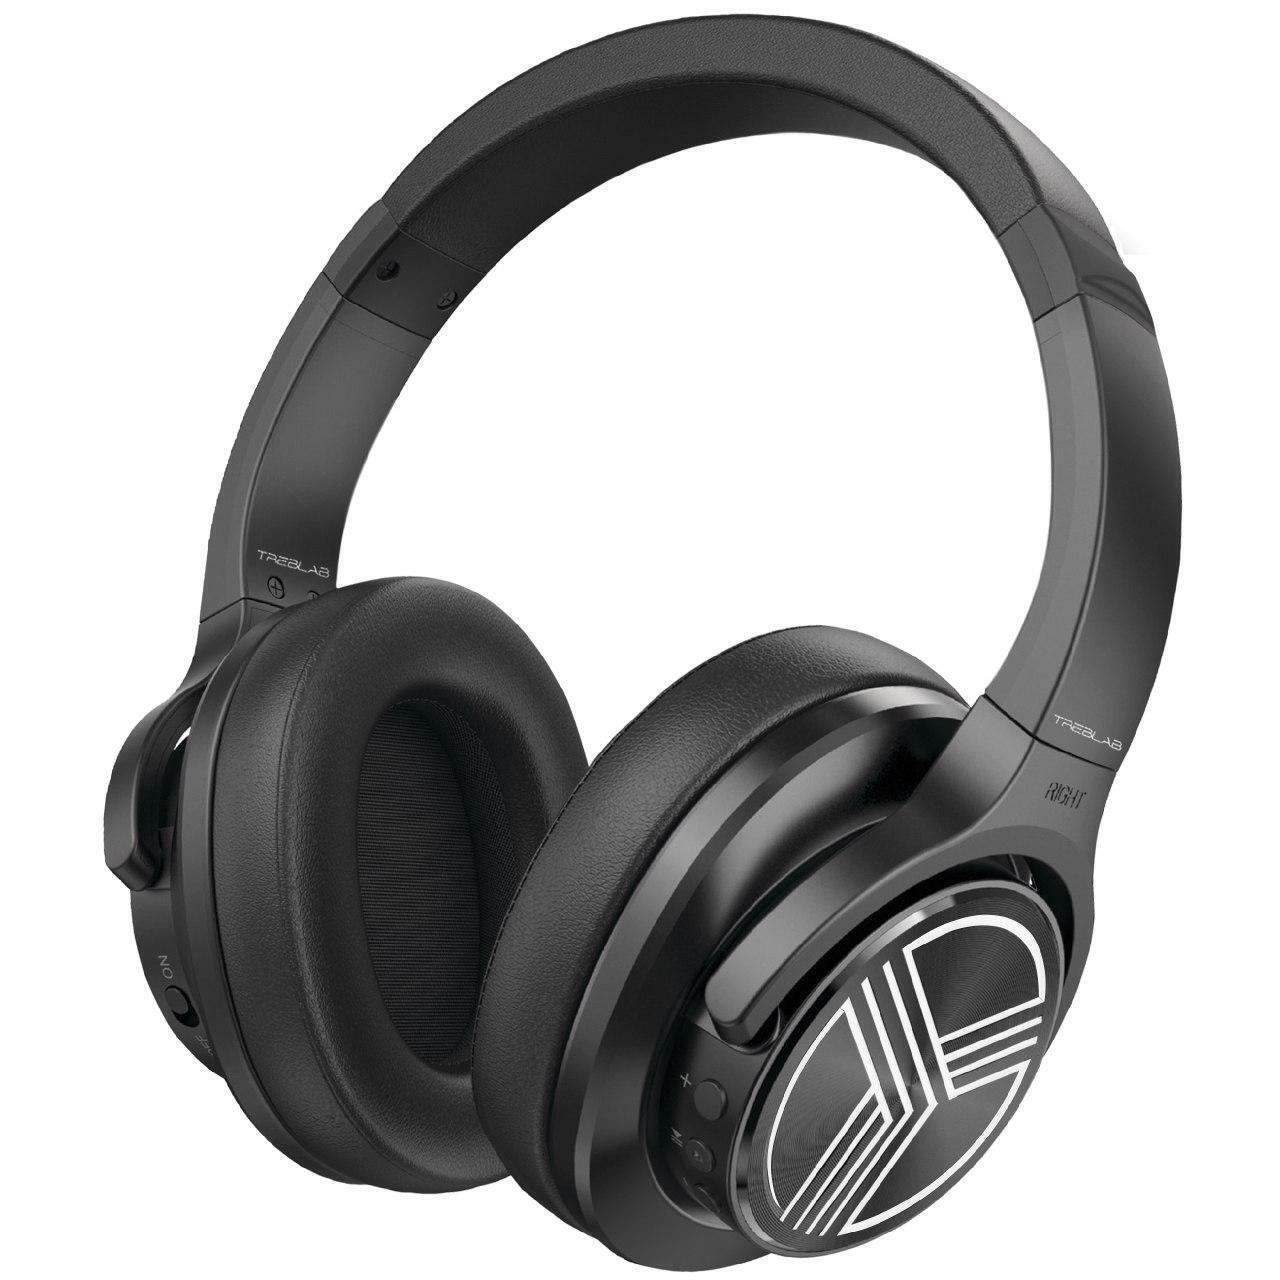 קנה TREBLAB Z2 Sports Wireless Headphones Bluetooth Active Noise Cancelling Over Ear באיביי בעברית